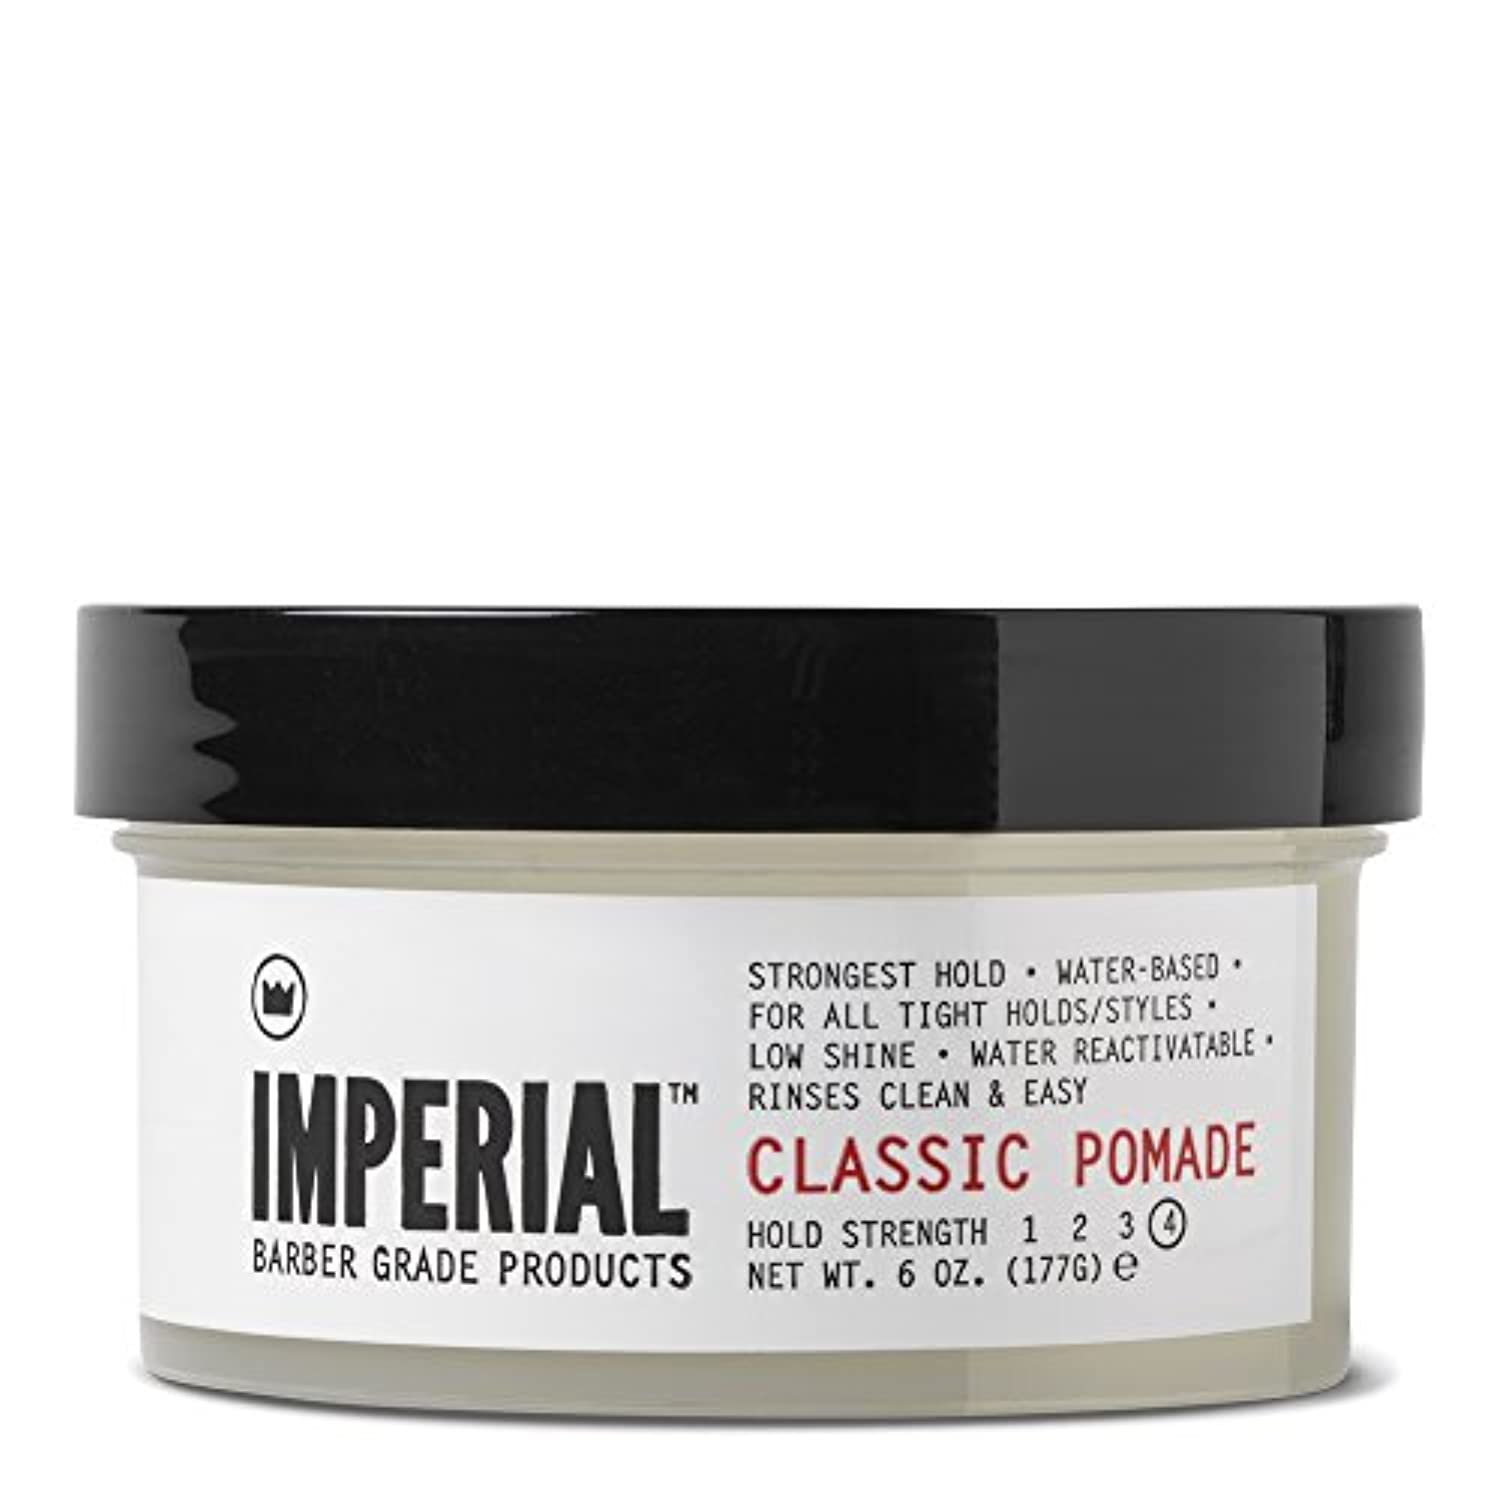 文字レンジレギュラーImperial Barber グレード製品クラシックポマード、6オズ。 72.0オンス